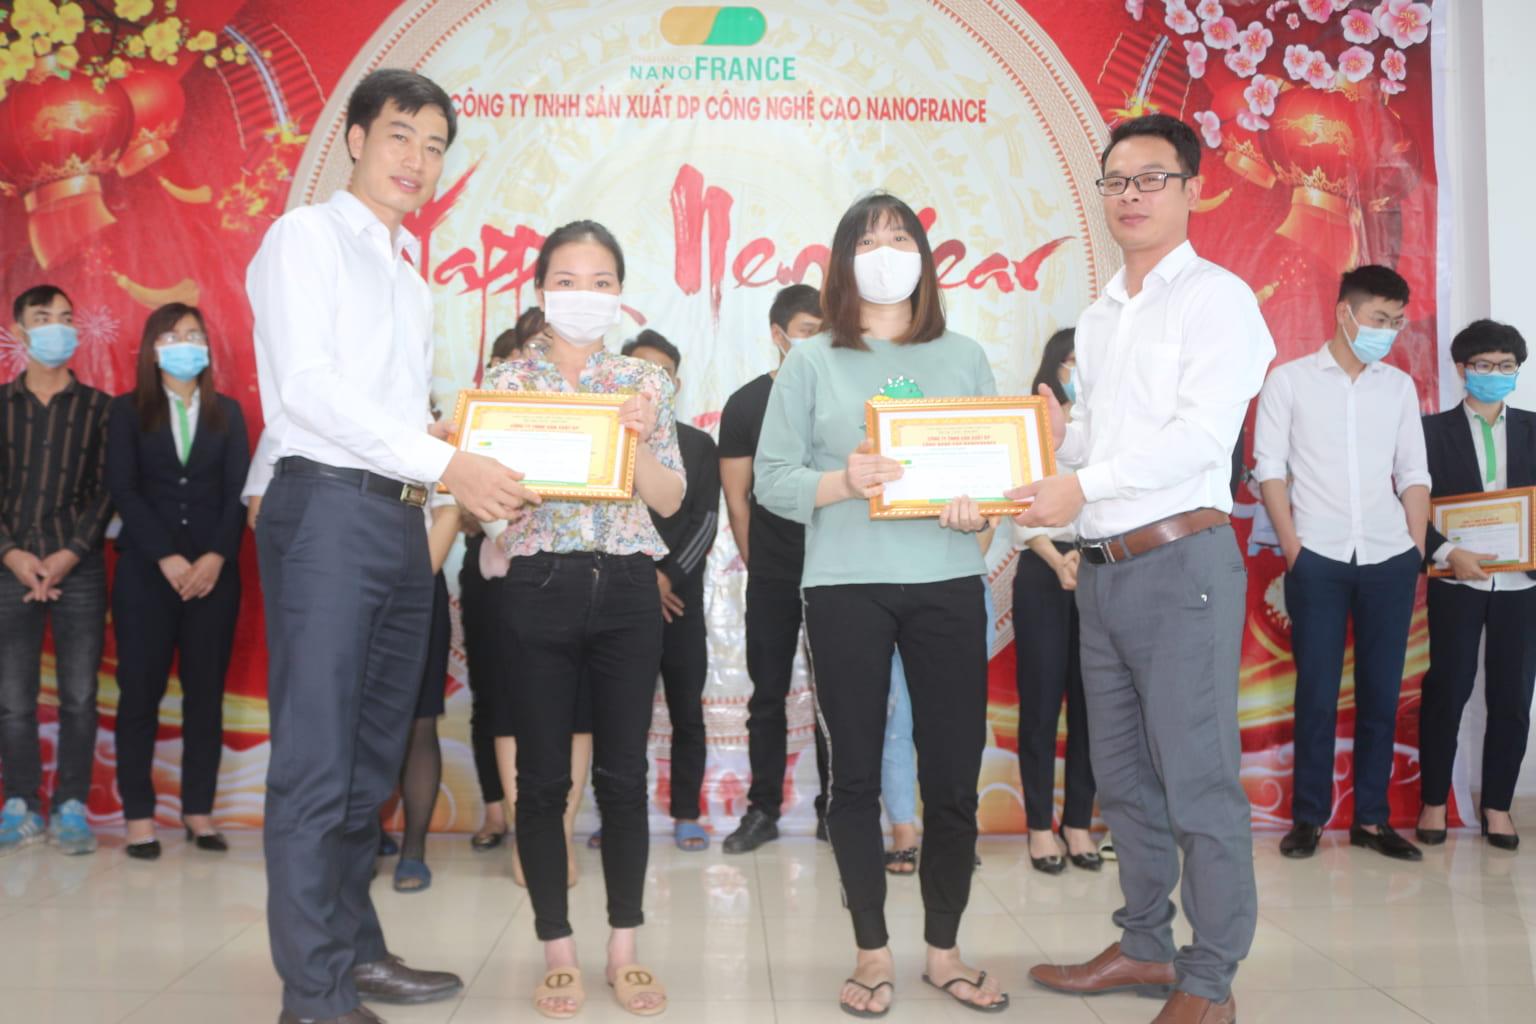 cán bộ công nhân viên xuất sắc lần lượt lên nhận phần thưởng và bằng khen.